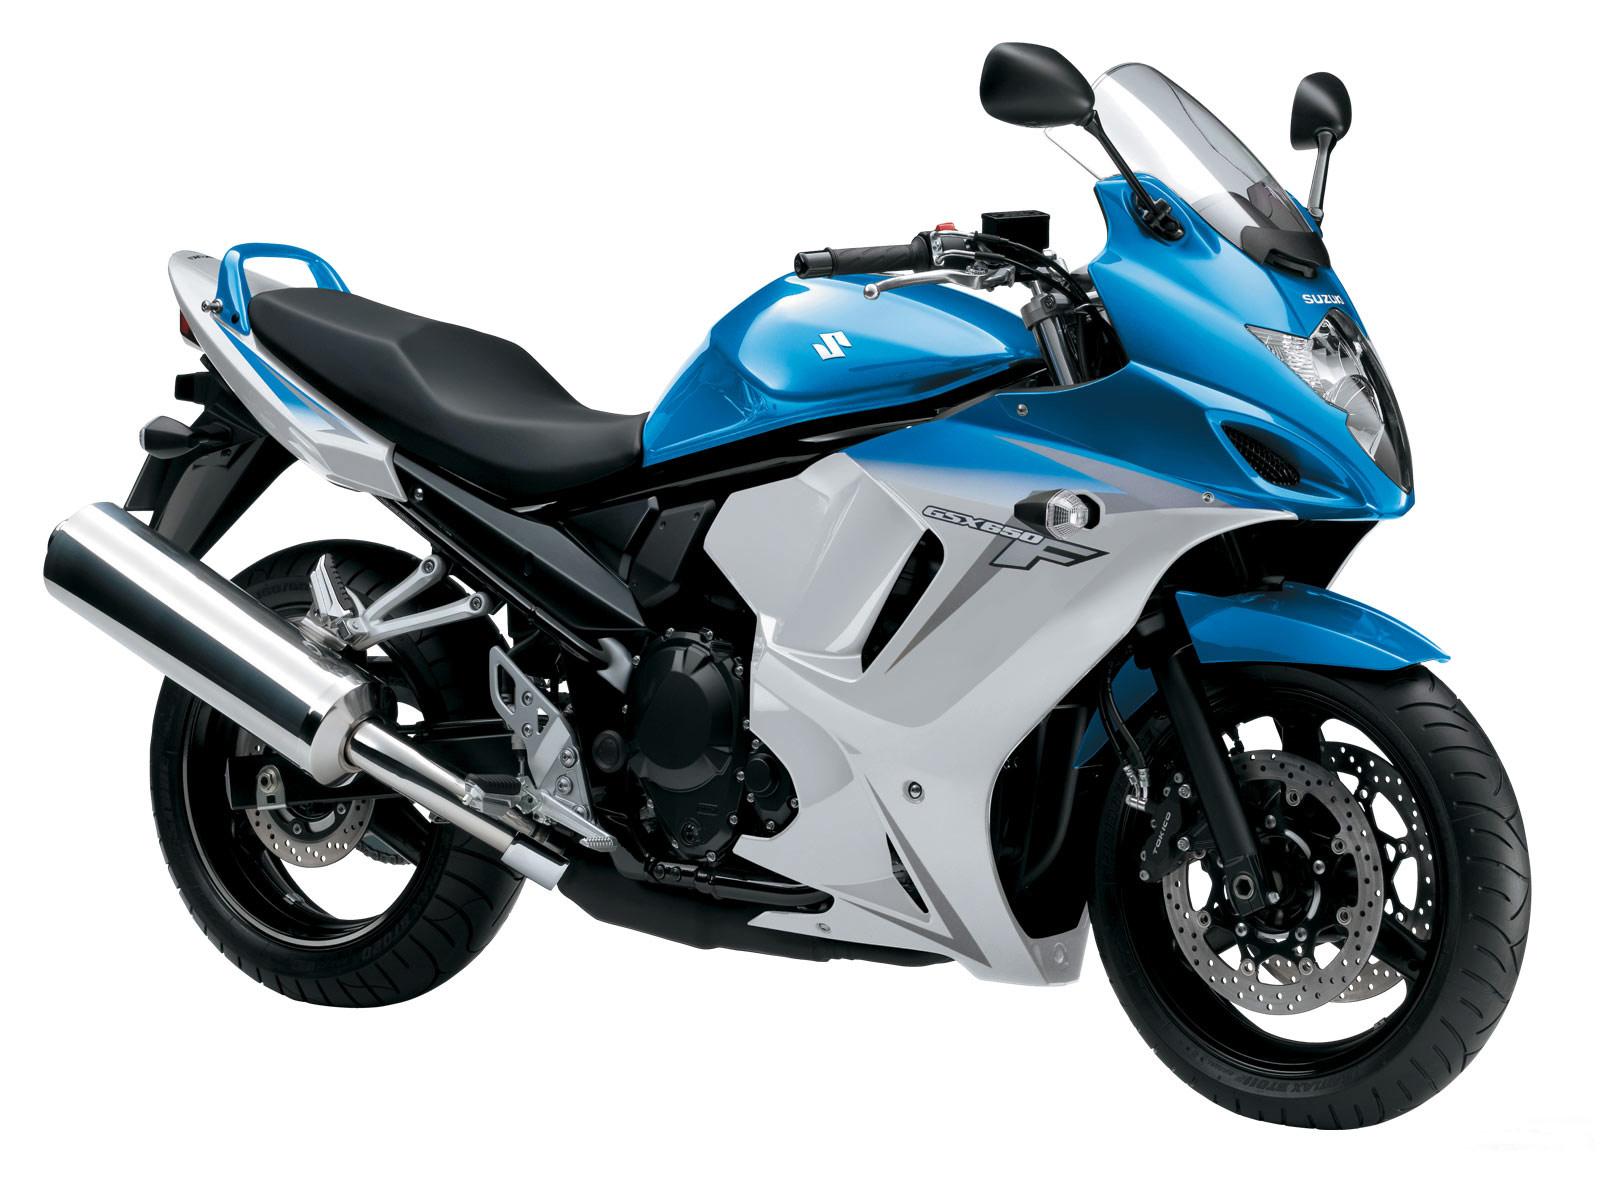 Suzuki Gsx650f  2010  Specifications